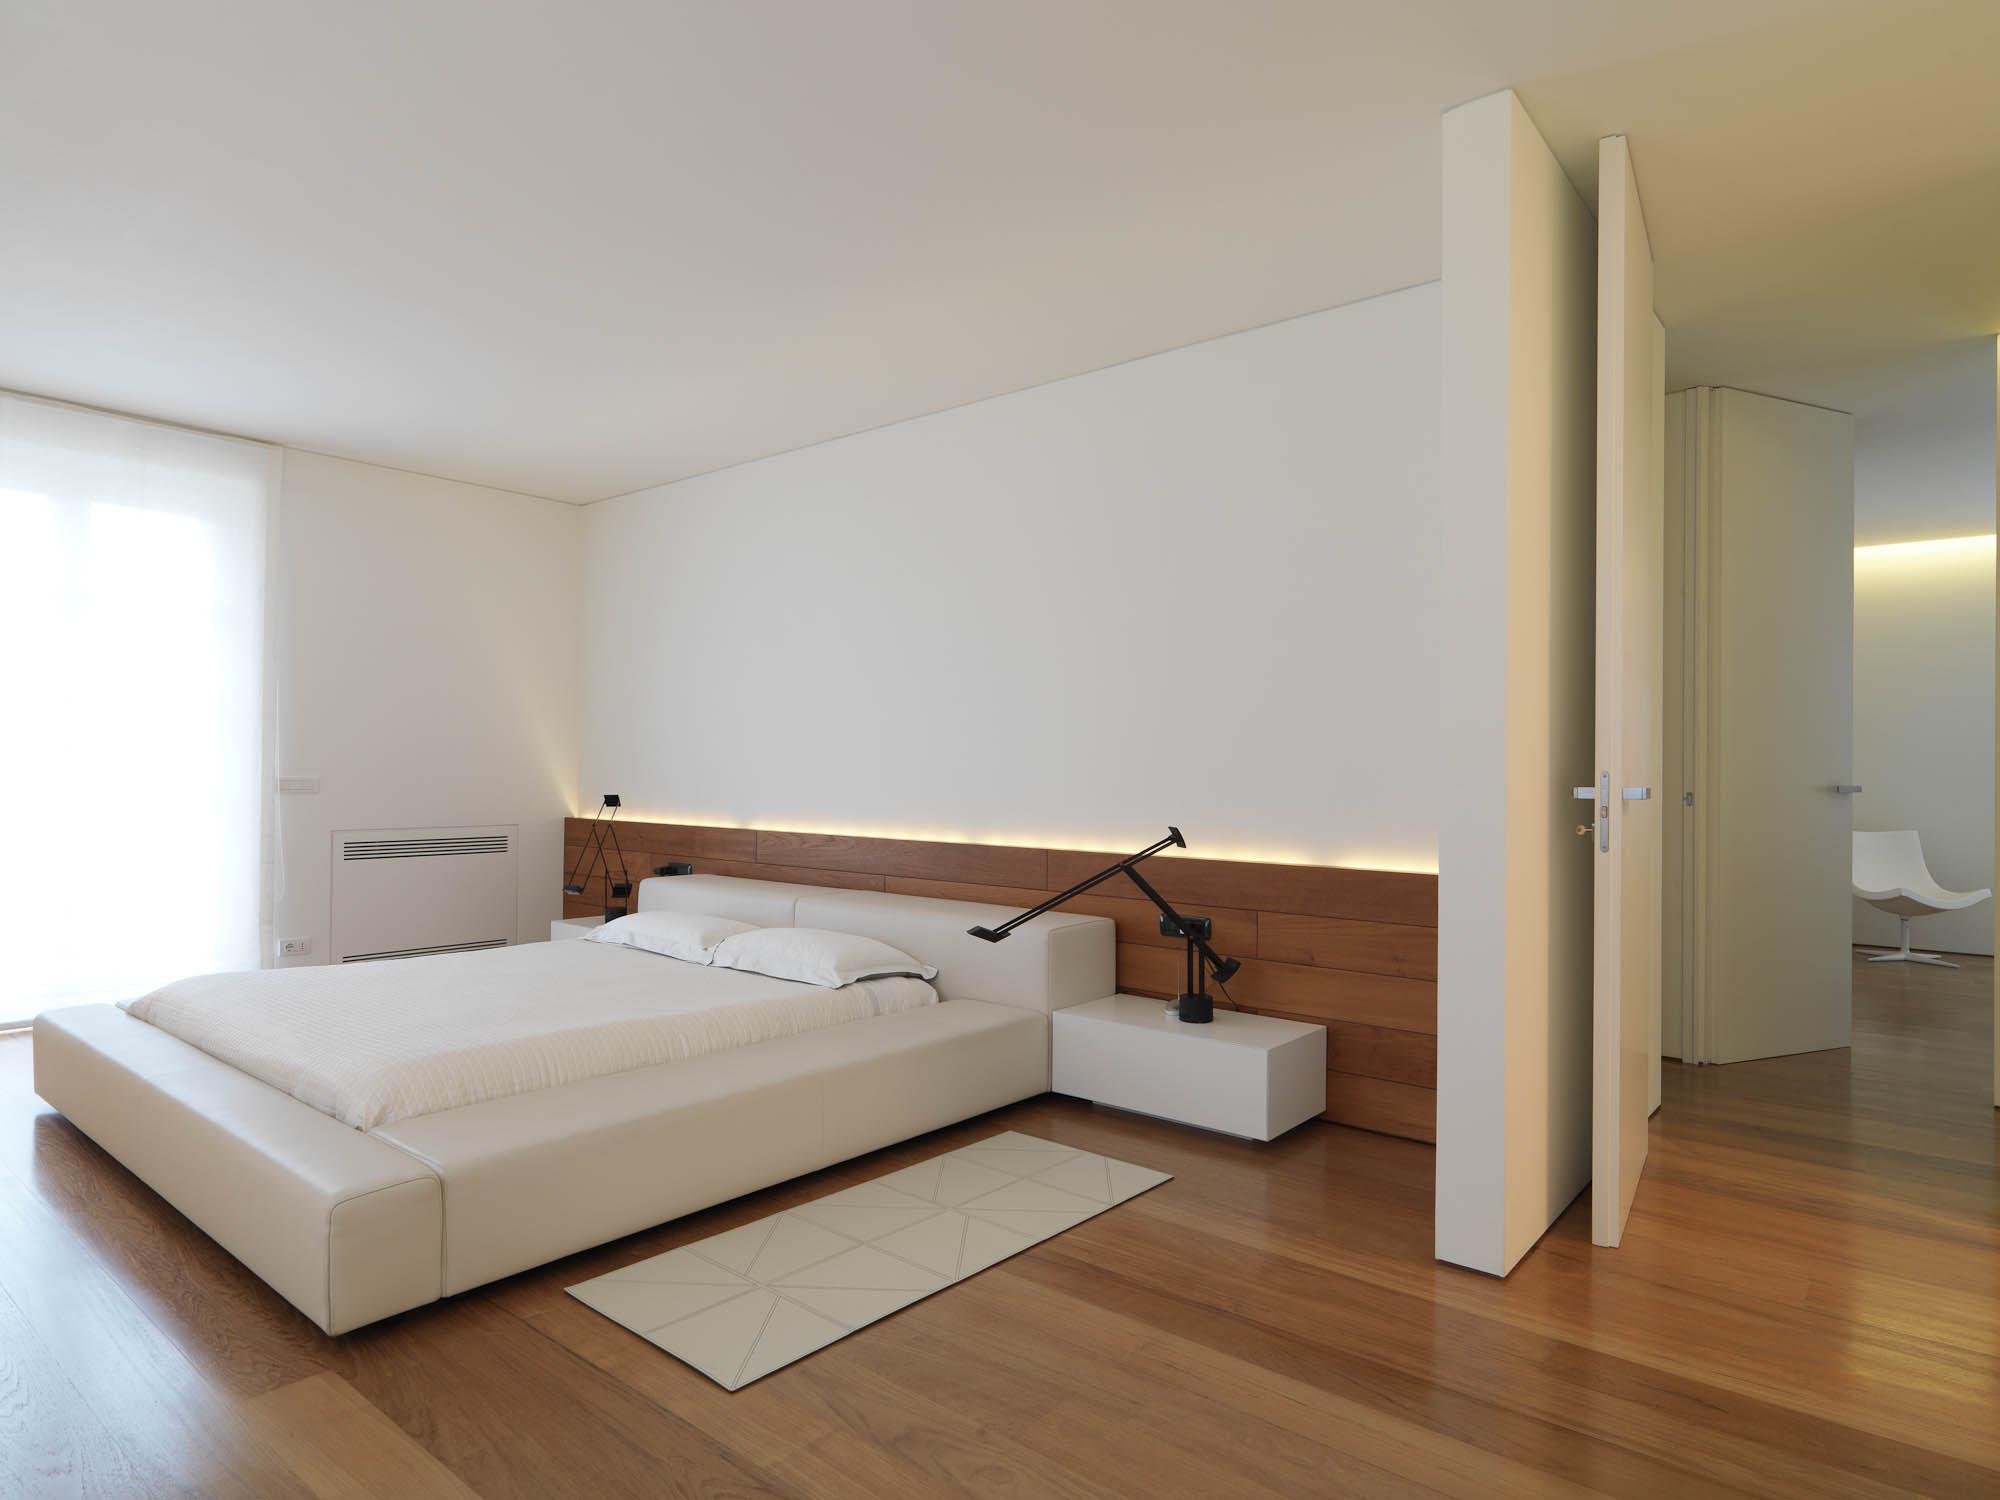 Plafoniere Camera Da Letto Moderne : Illuminazione camera da letto u guida idee per illuminare al